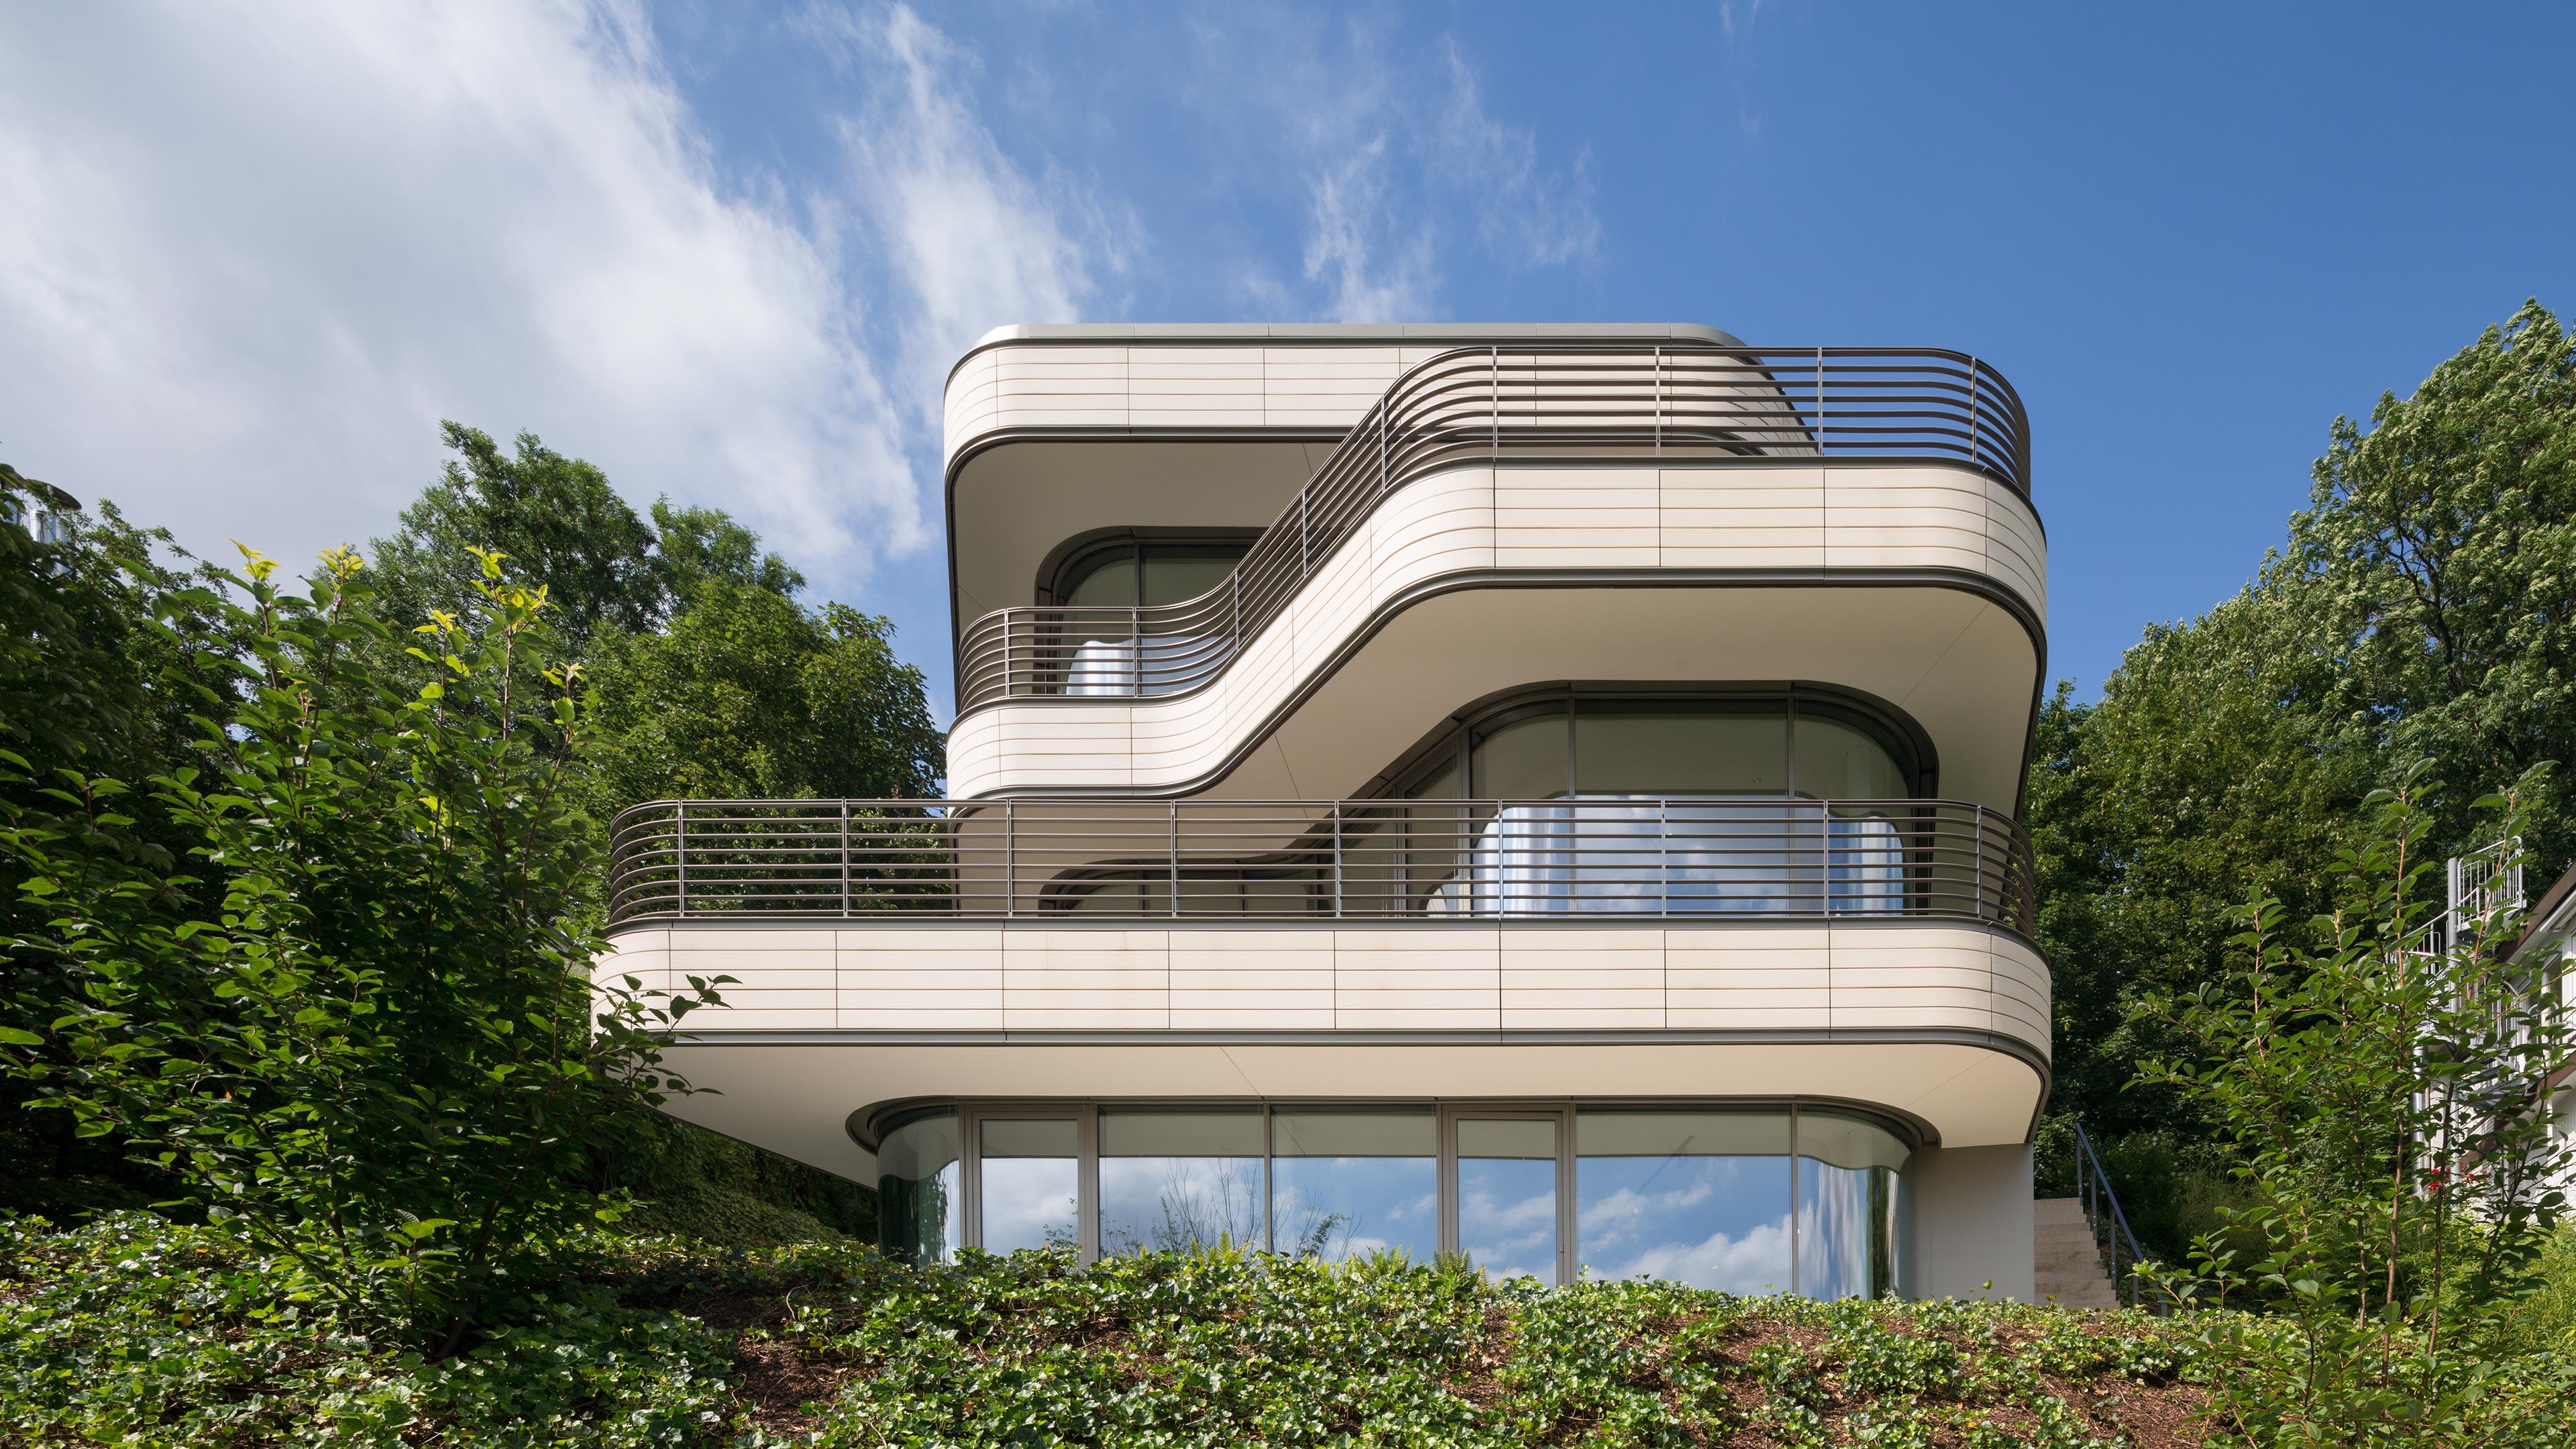 fsb architektur pavillon an der elbchaussee hamburg. Black Bedroom Furniture Sets. Home Design Ideas